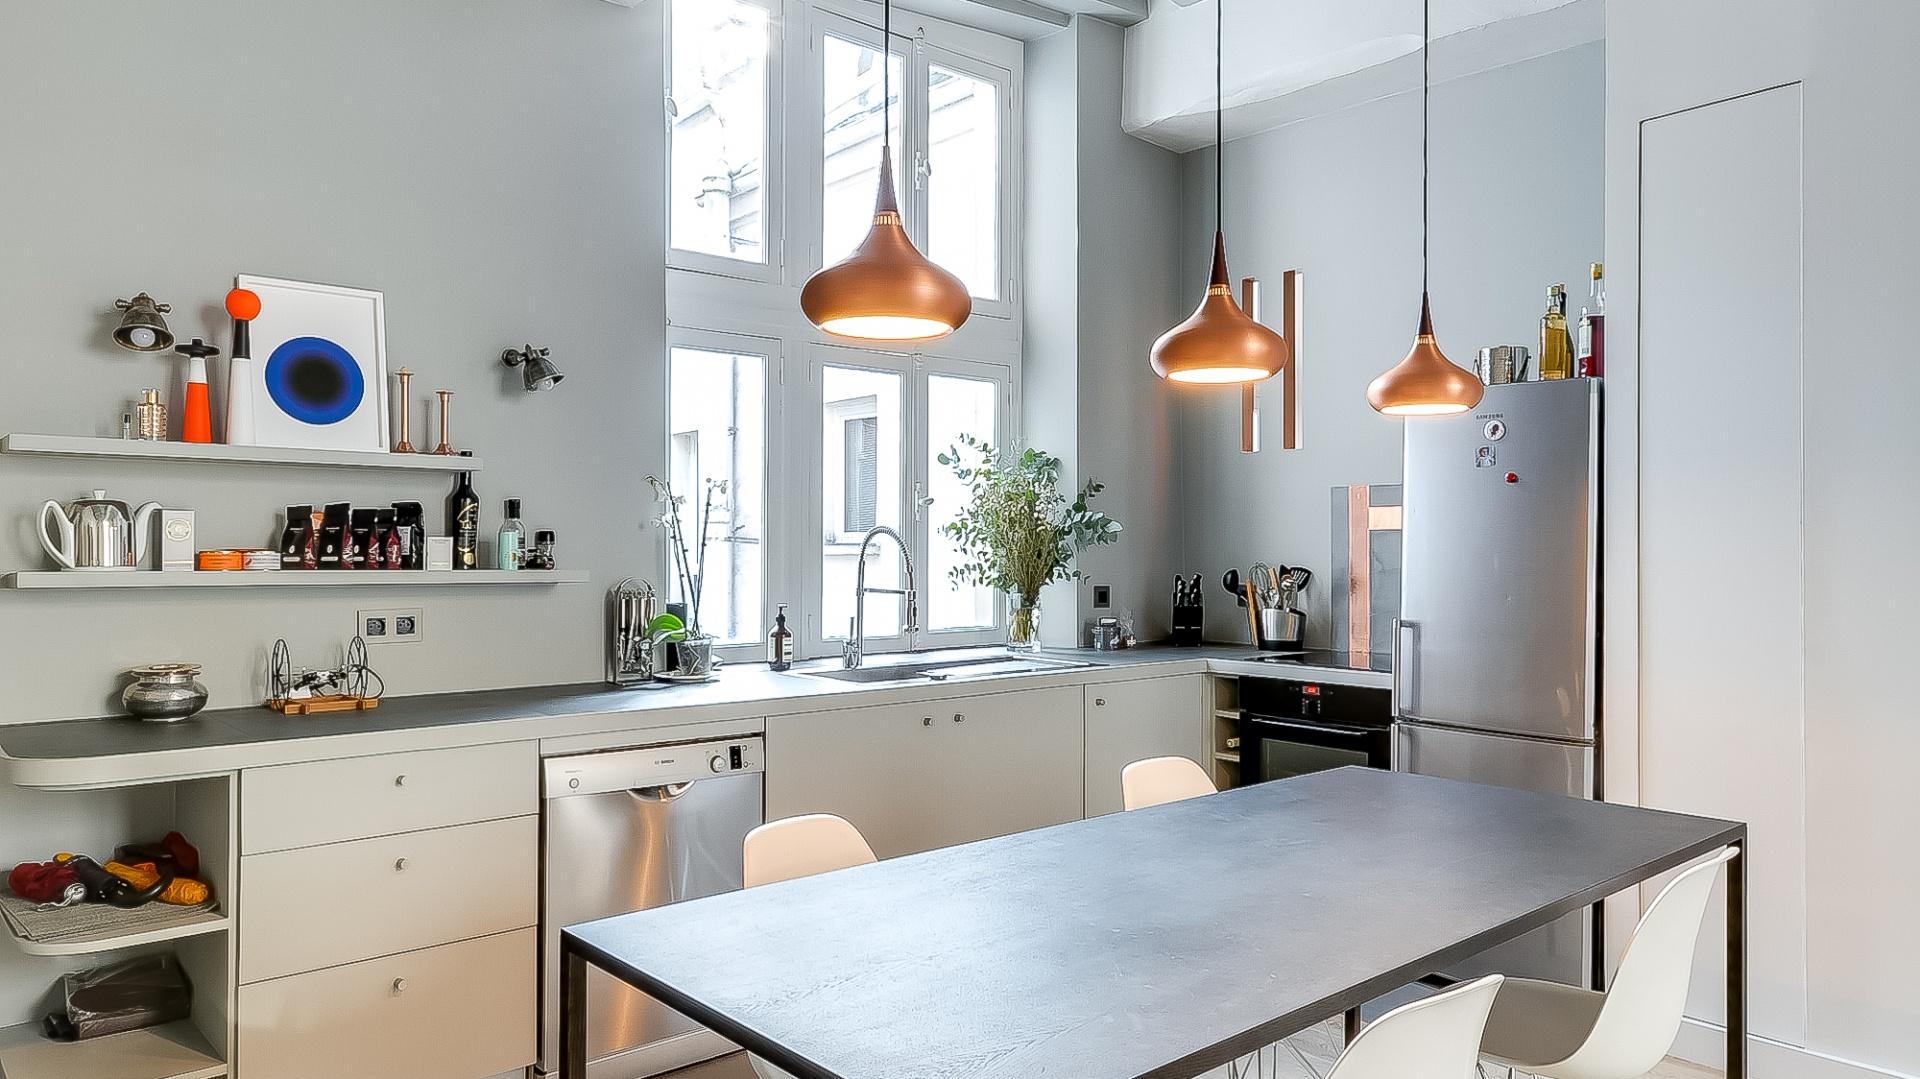 Odsłonięte i pomalowane na biało belki stropowe nadają przestrzeni delikatnie industrialny charakter. Projekt: Tatiana Nicol. Fot. Meero Photographe Immobilier.